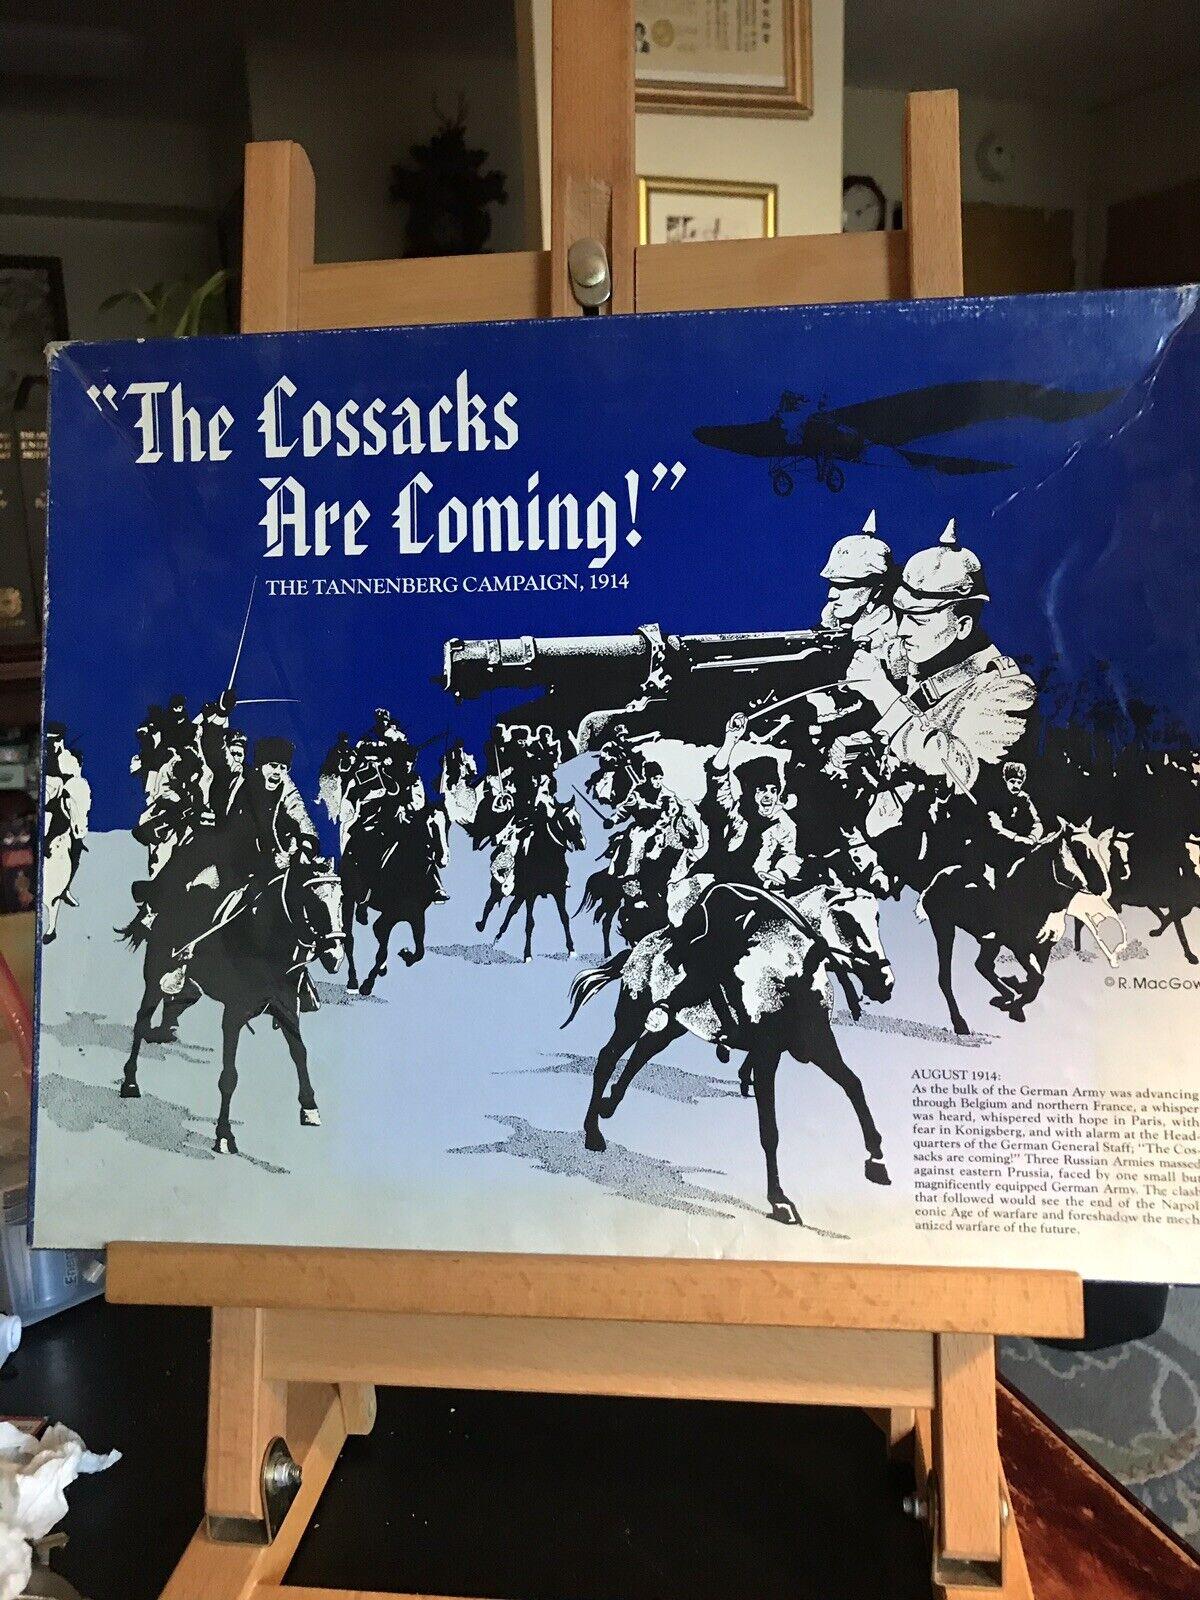 barato La campaña de Tannenberg cosacos vienen los pueblos 1914 1914 1914 juegos de guerra 1982  Venta en línea de descuento de fábrica